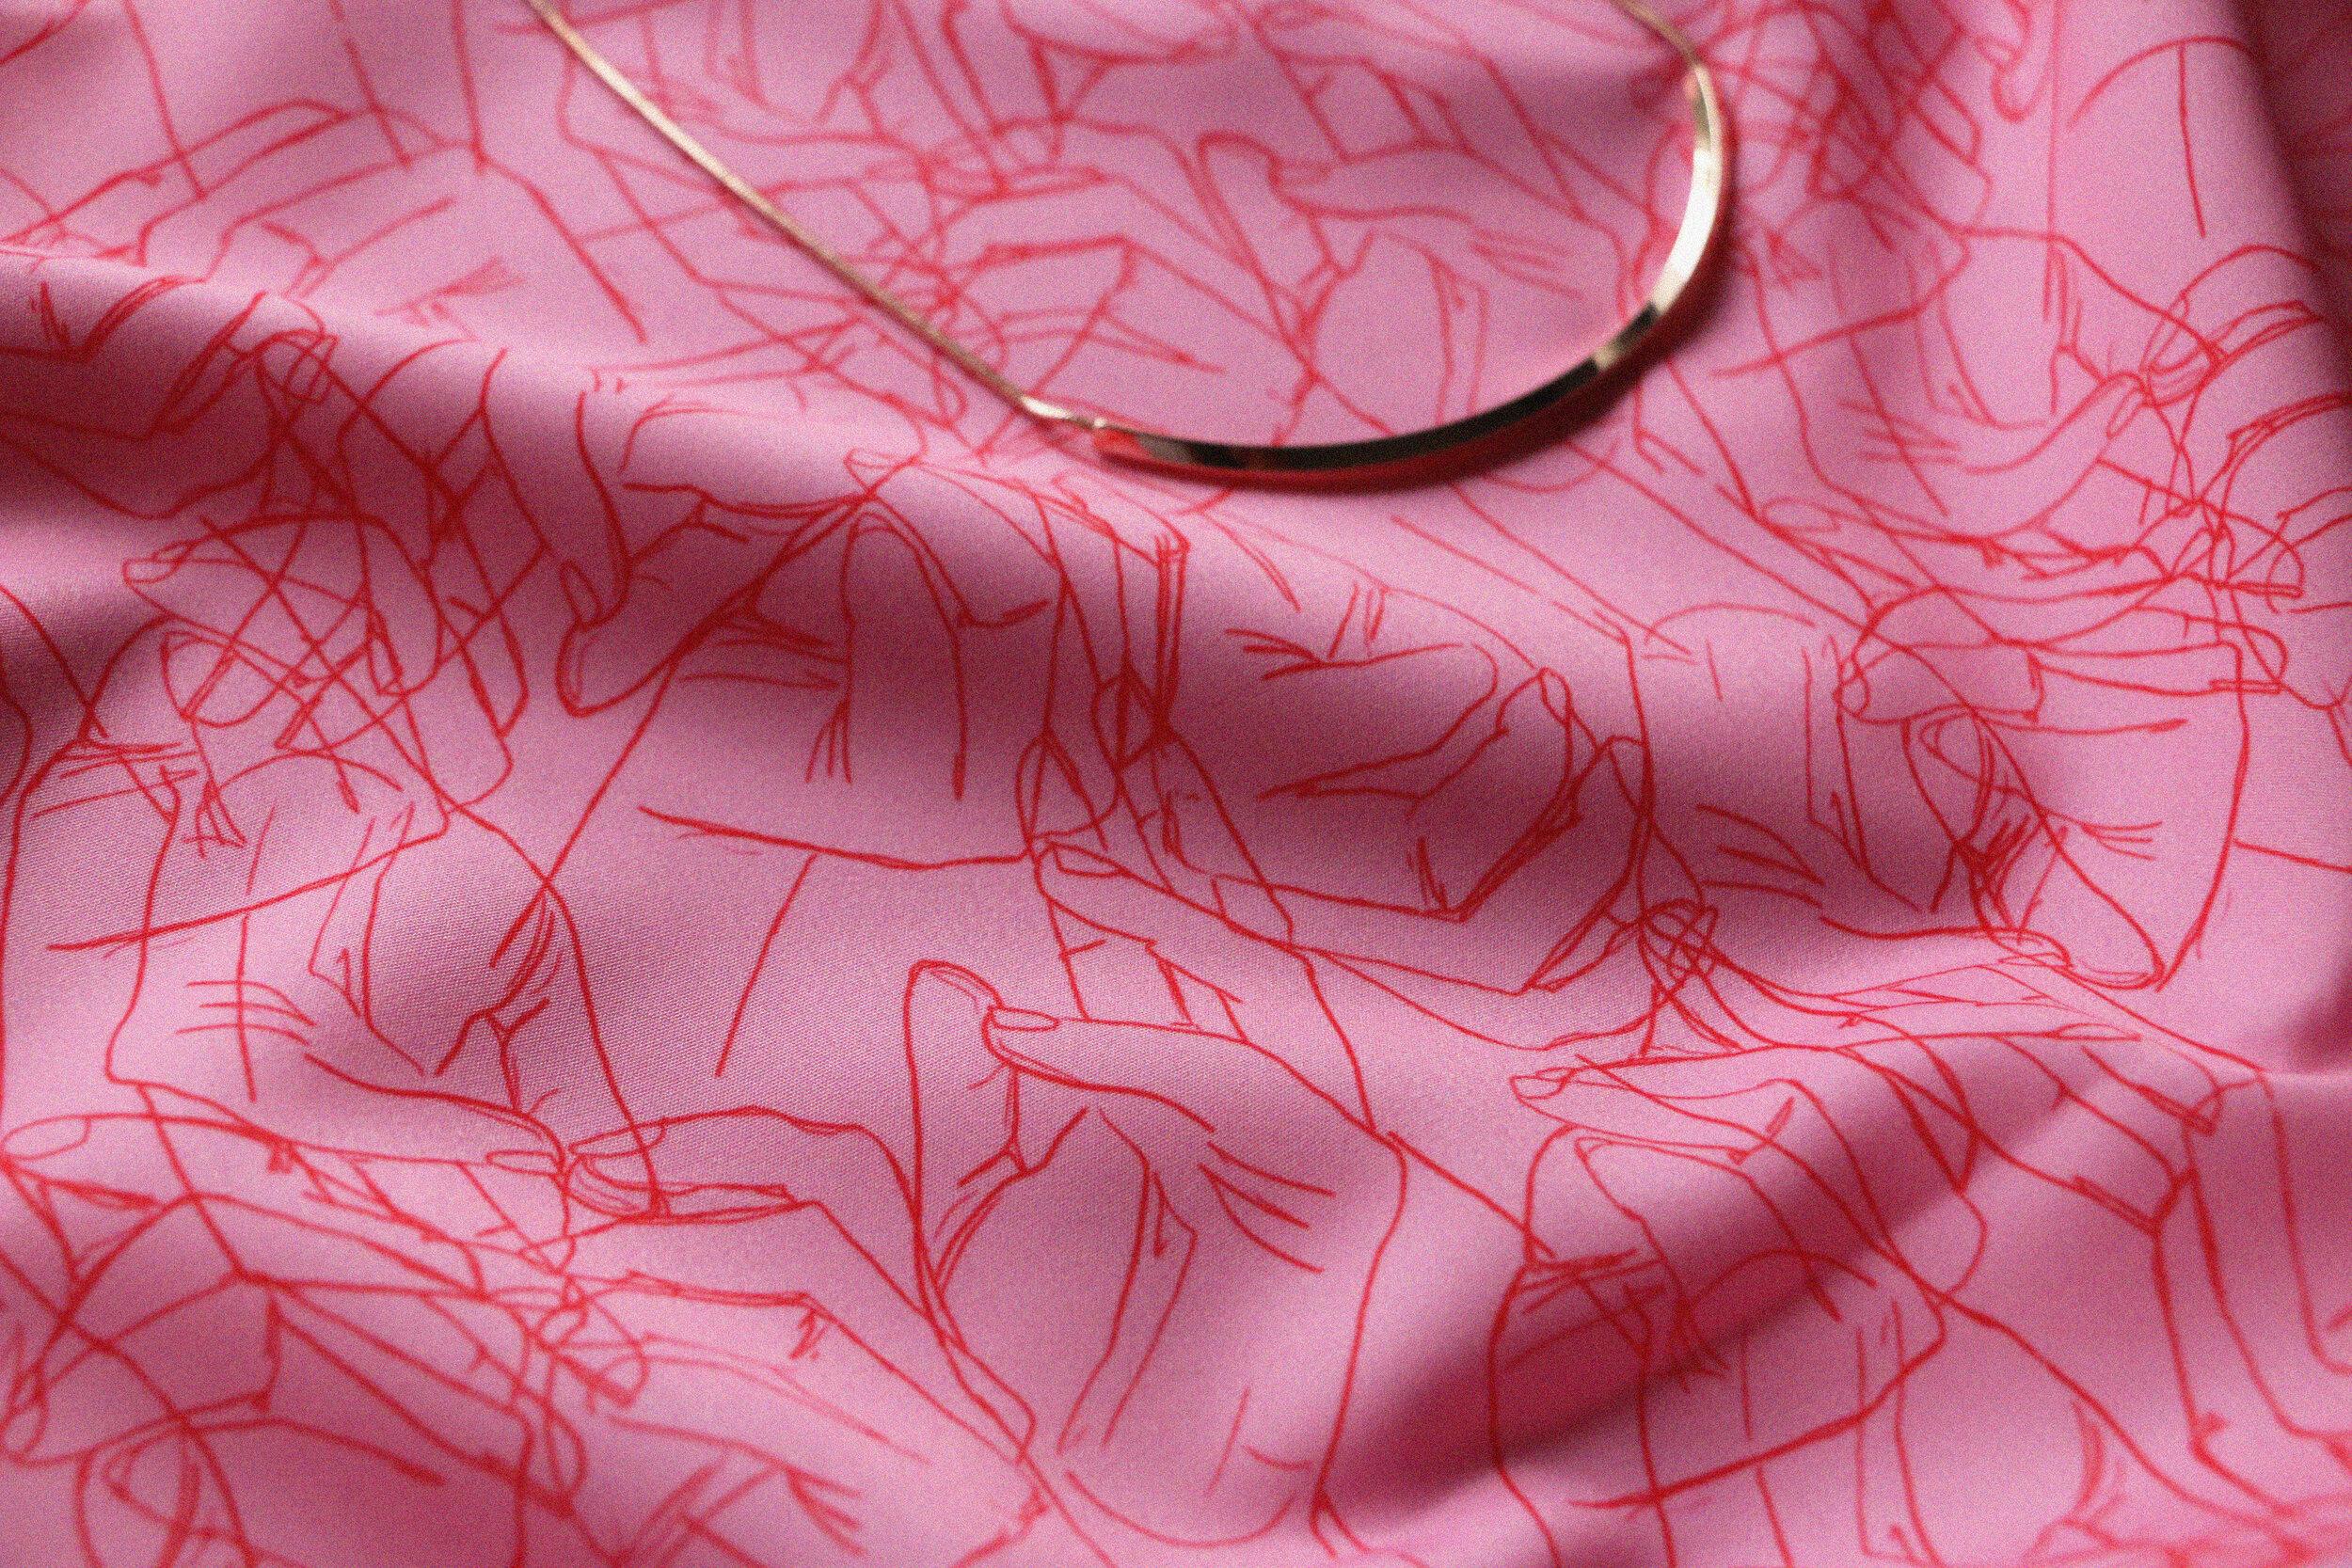 handsoff-pink-necklace.jpg